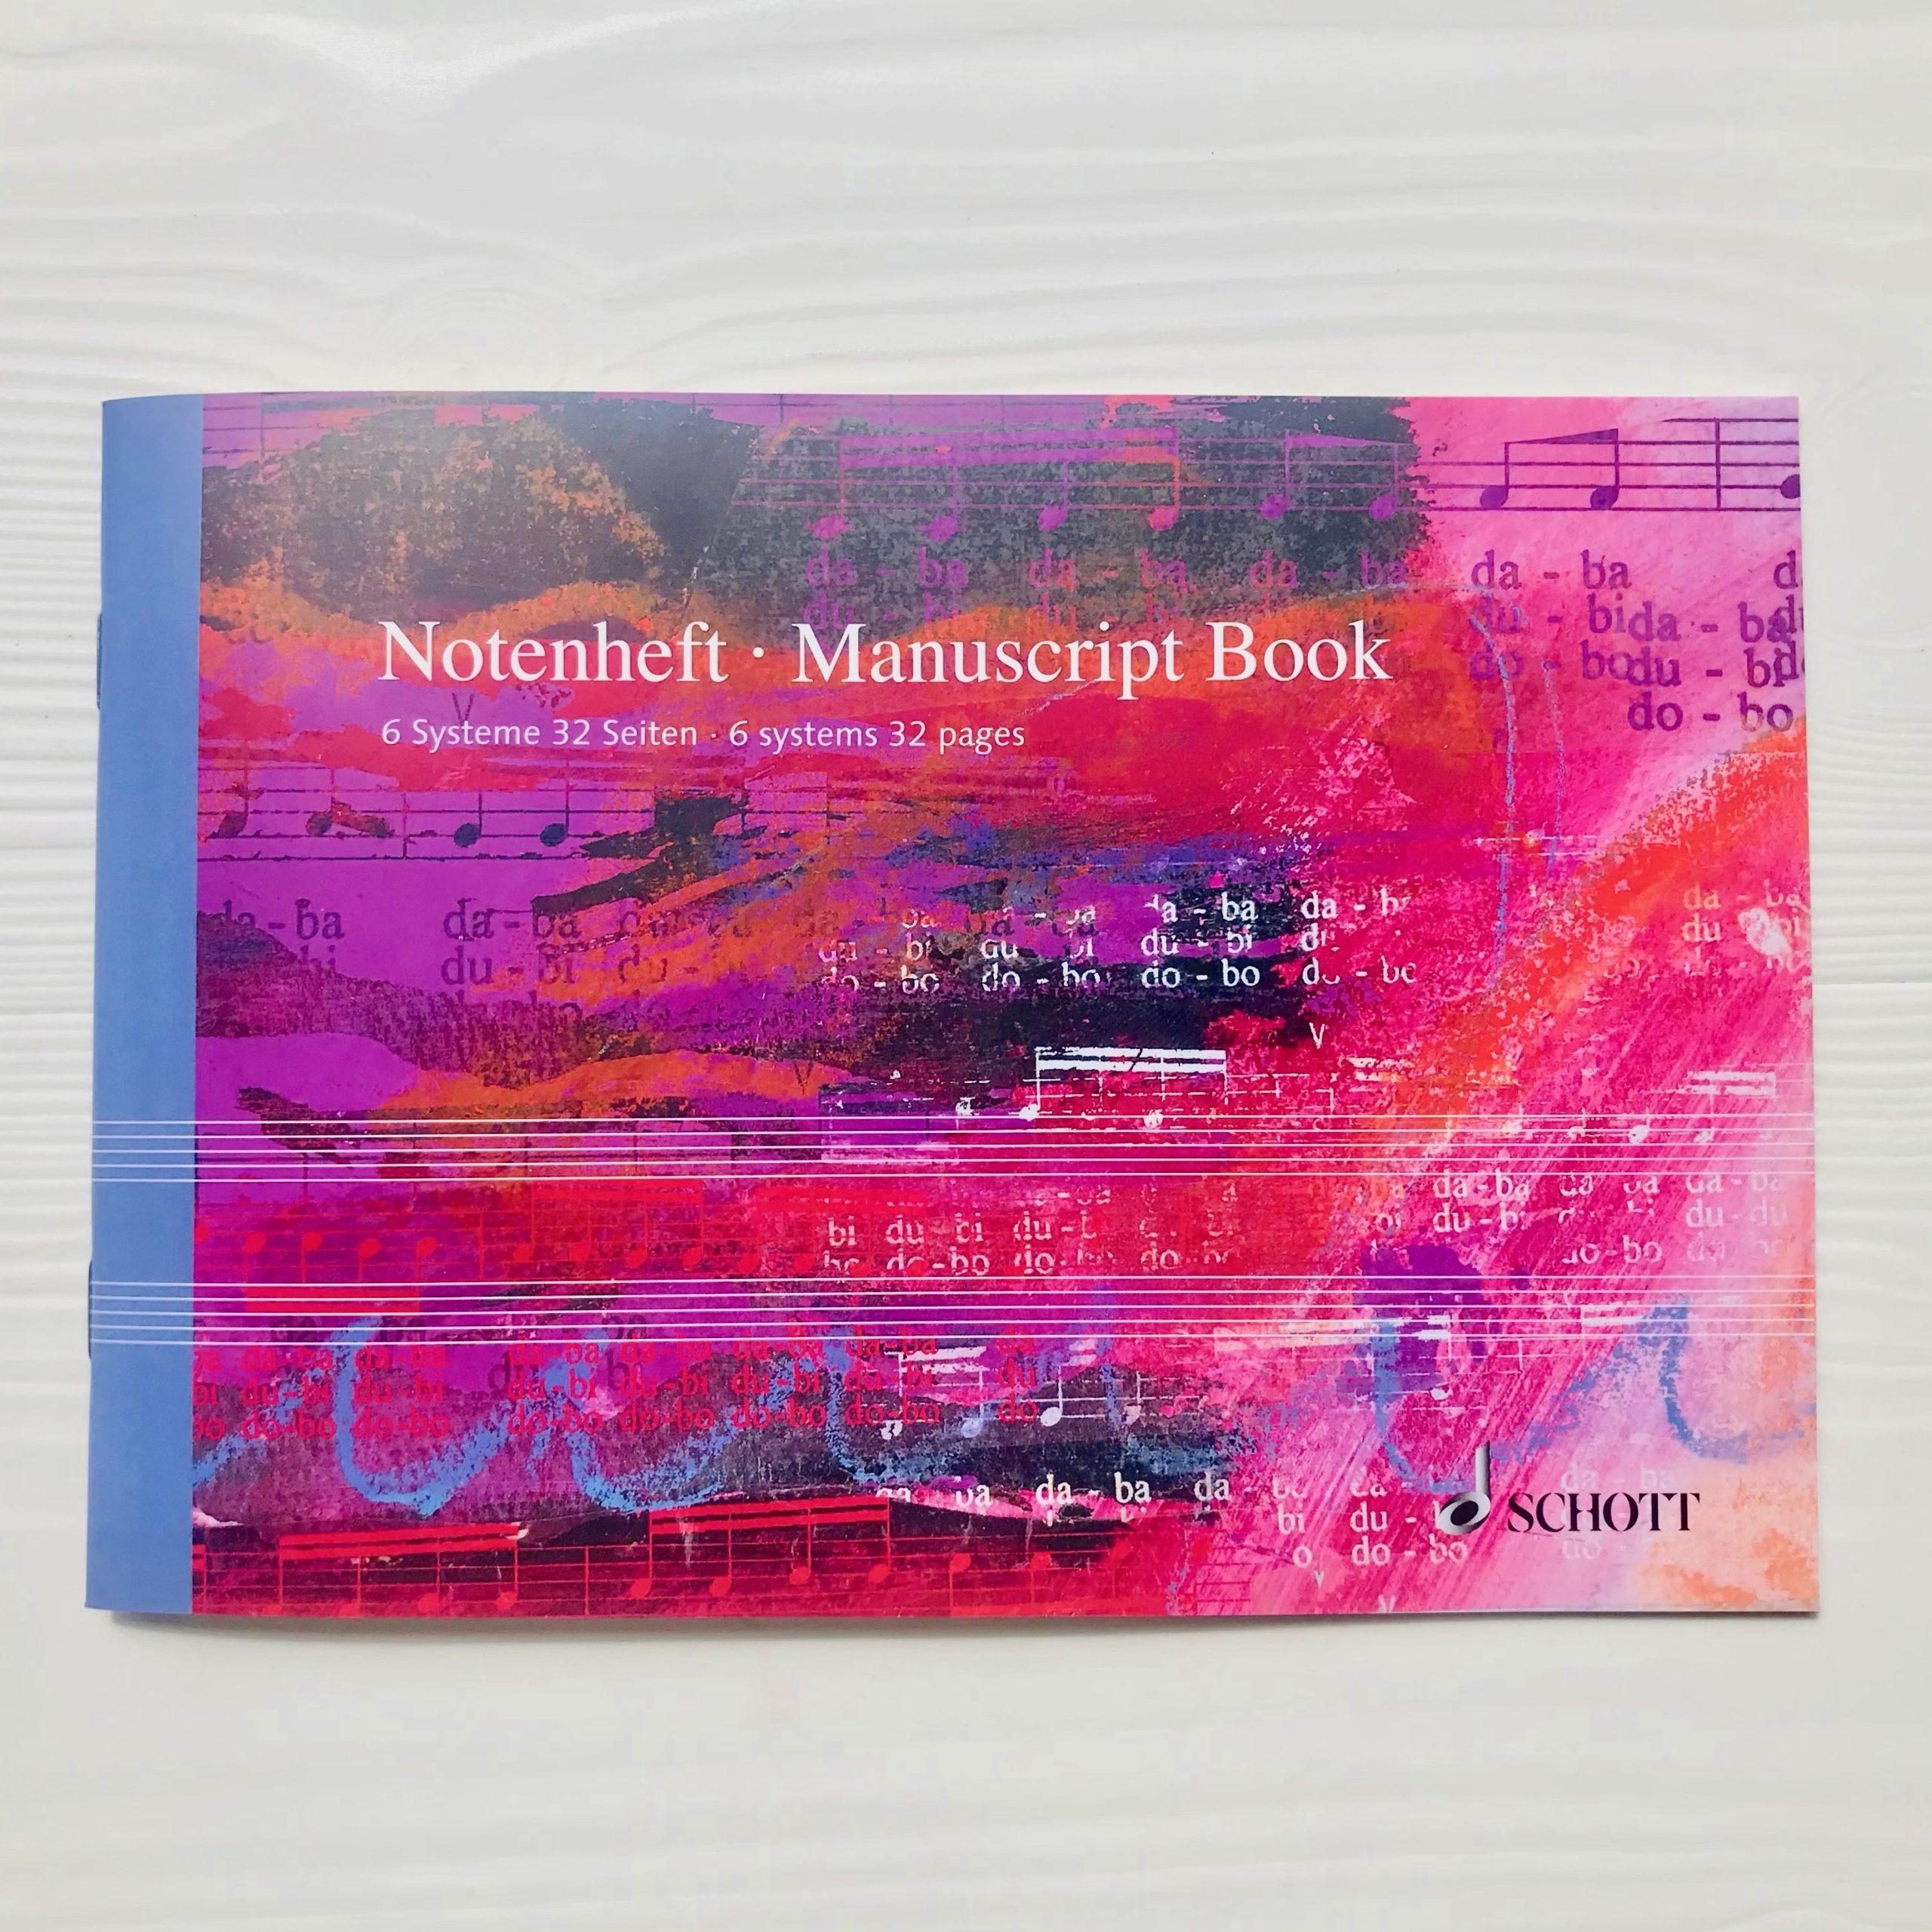 cahier de musique Schott italien 6 portées